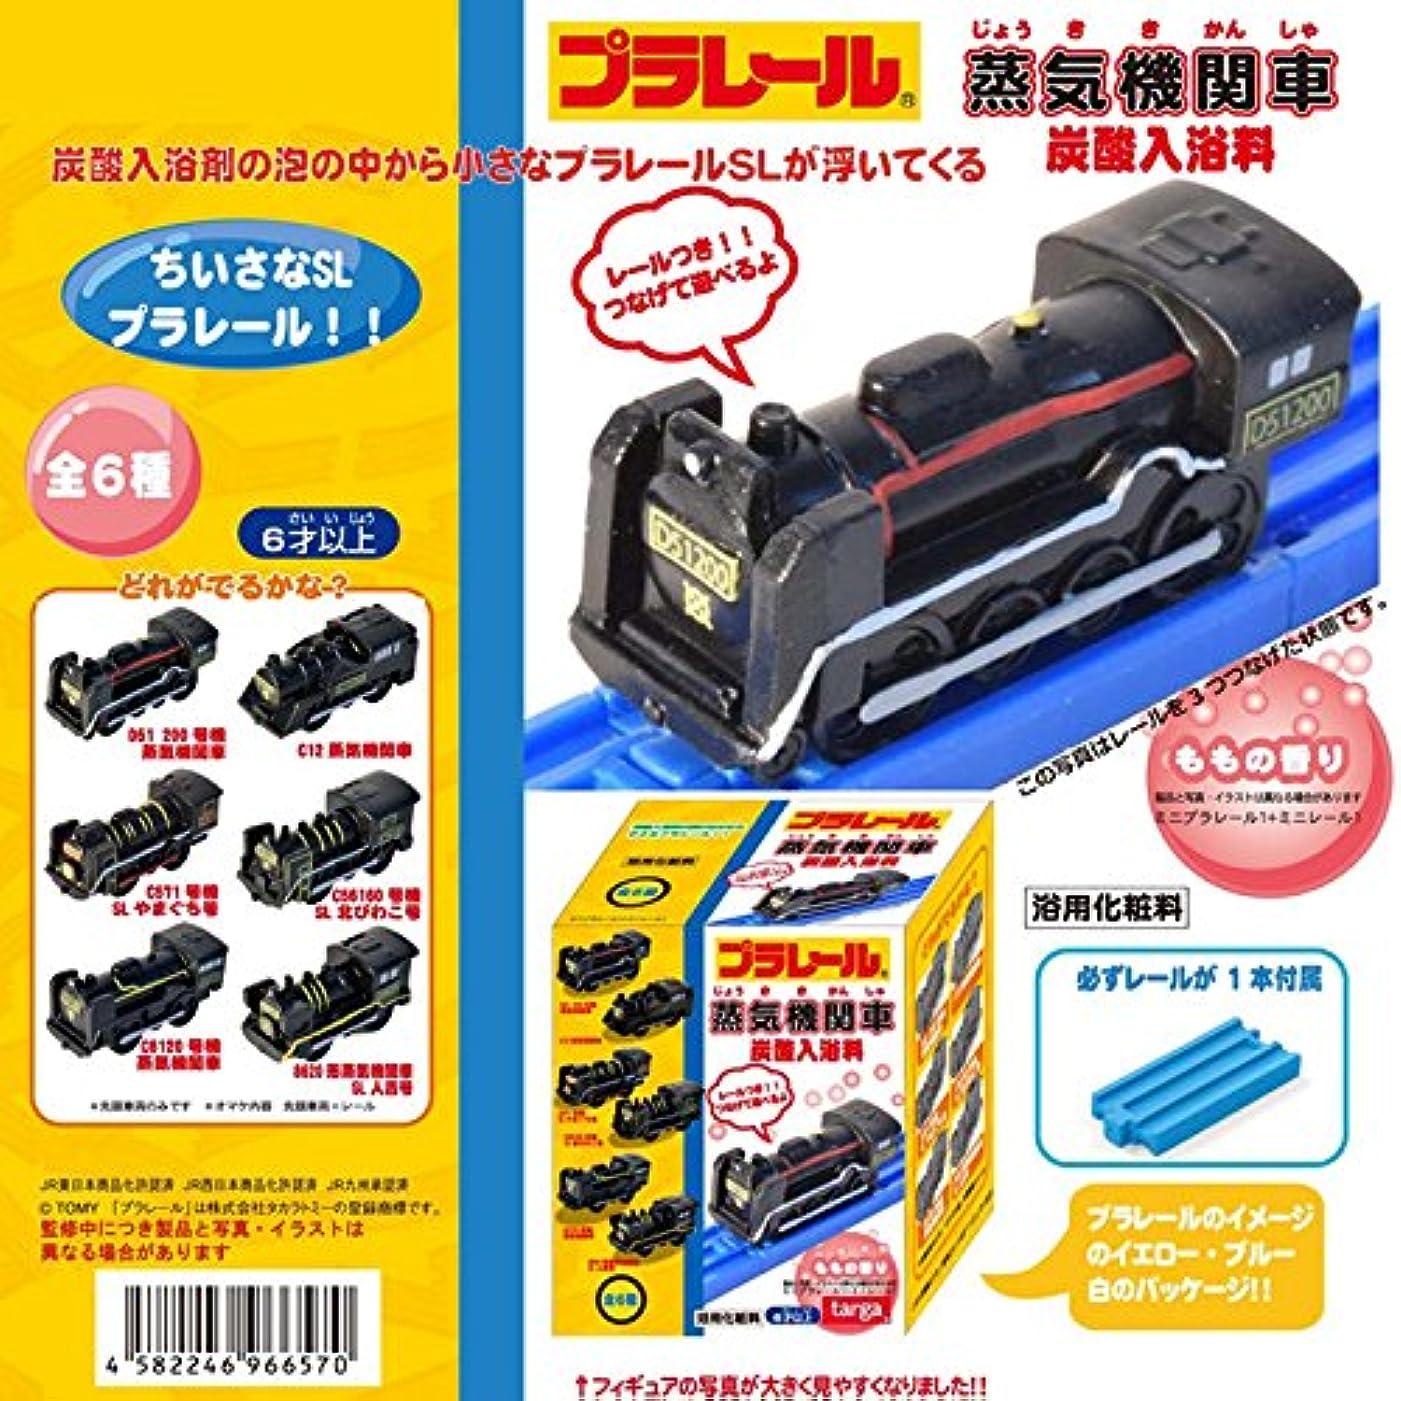 ガイドジョージバーナード同意するプラレール 蒸気機関車 炭酸入浴料 6個1セット ももの香り レールつき機関車 入浴剤